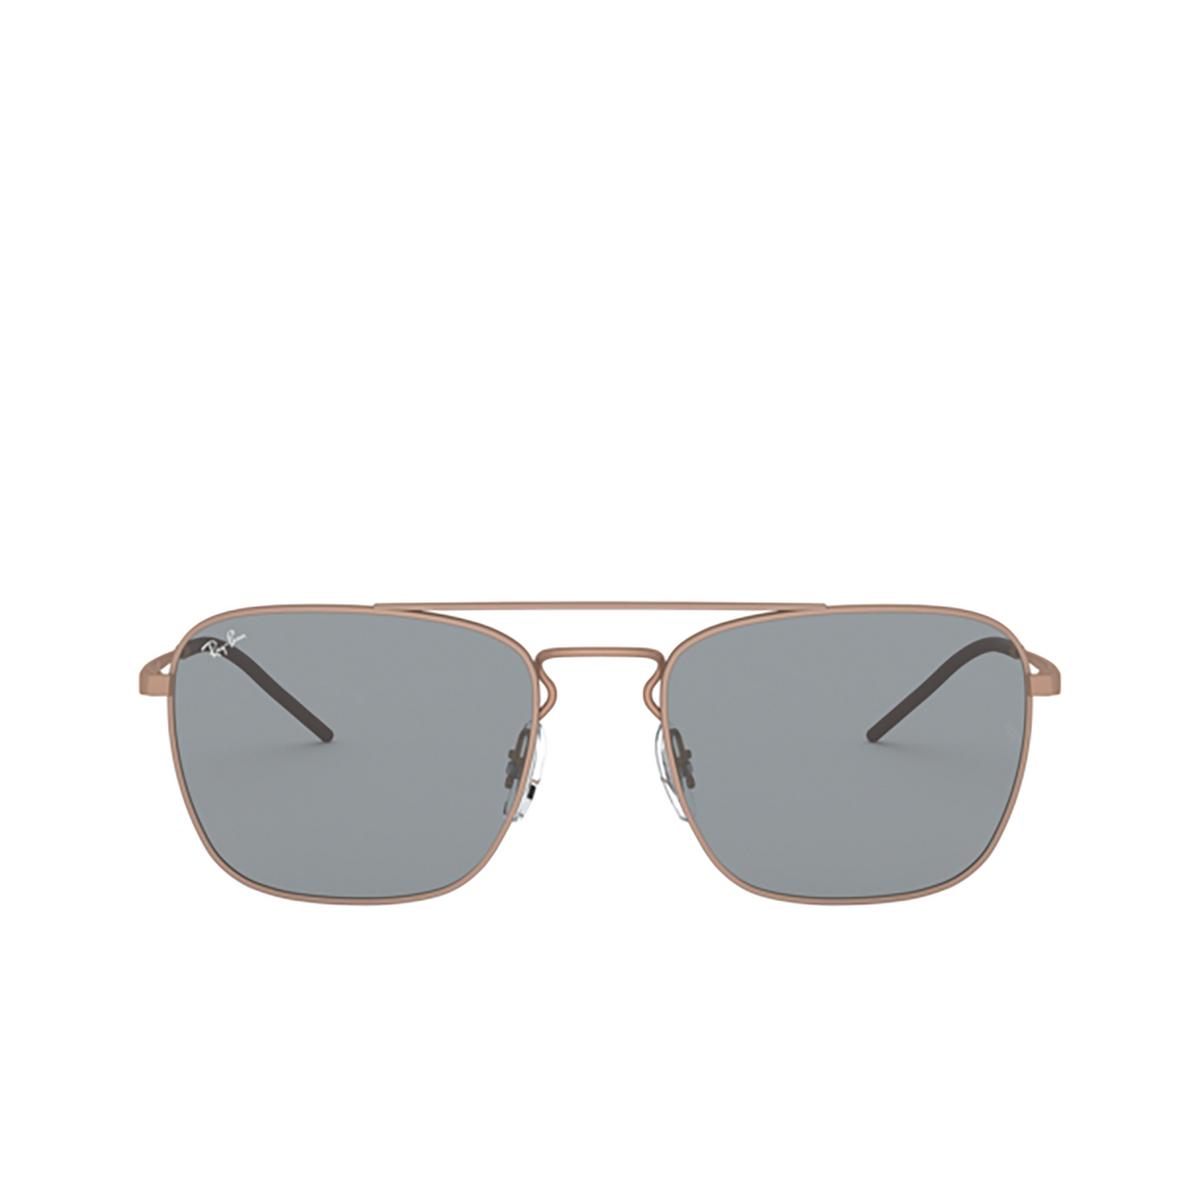 Ray-Ban® Square Sunglasses: RB3588 color Rubber Copper 9146/1 - 1/3.